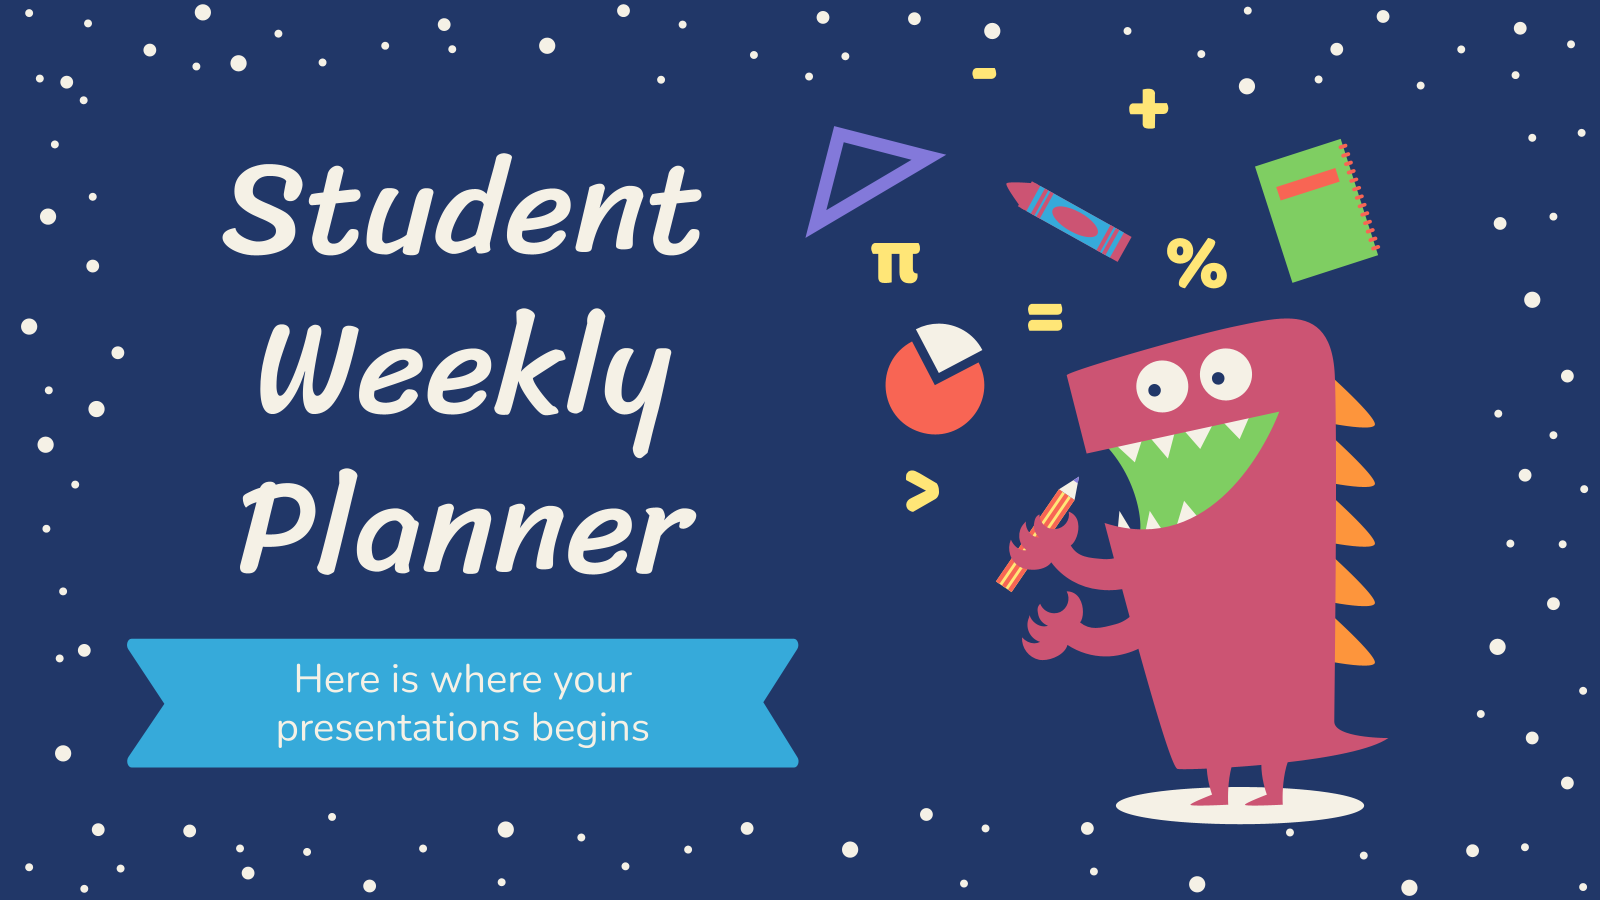 Plantilla de presentación Agenda semanal para estudiantes